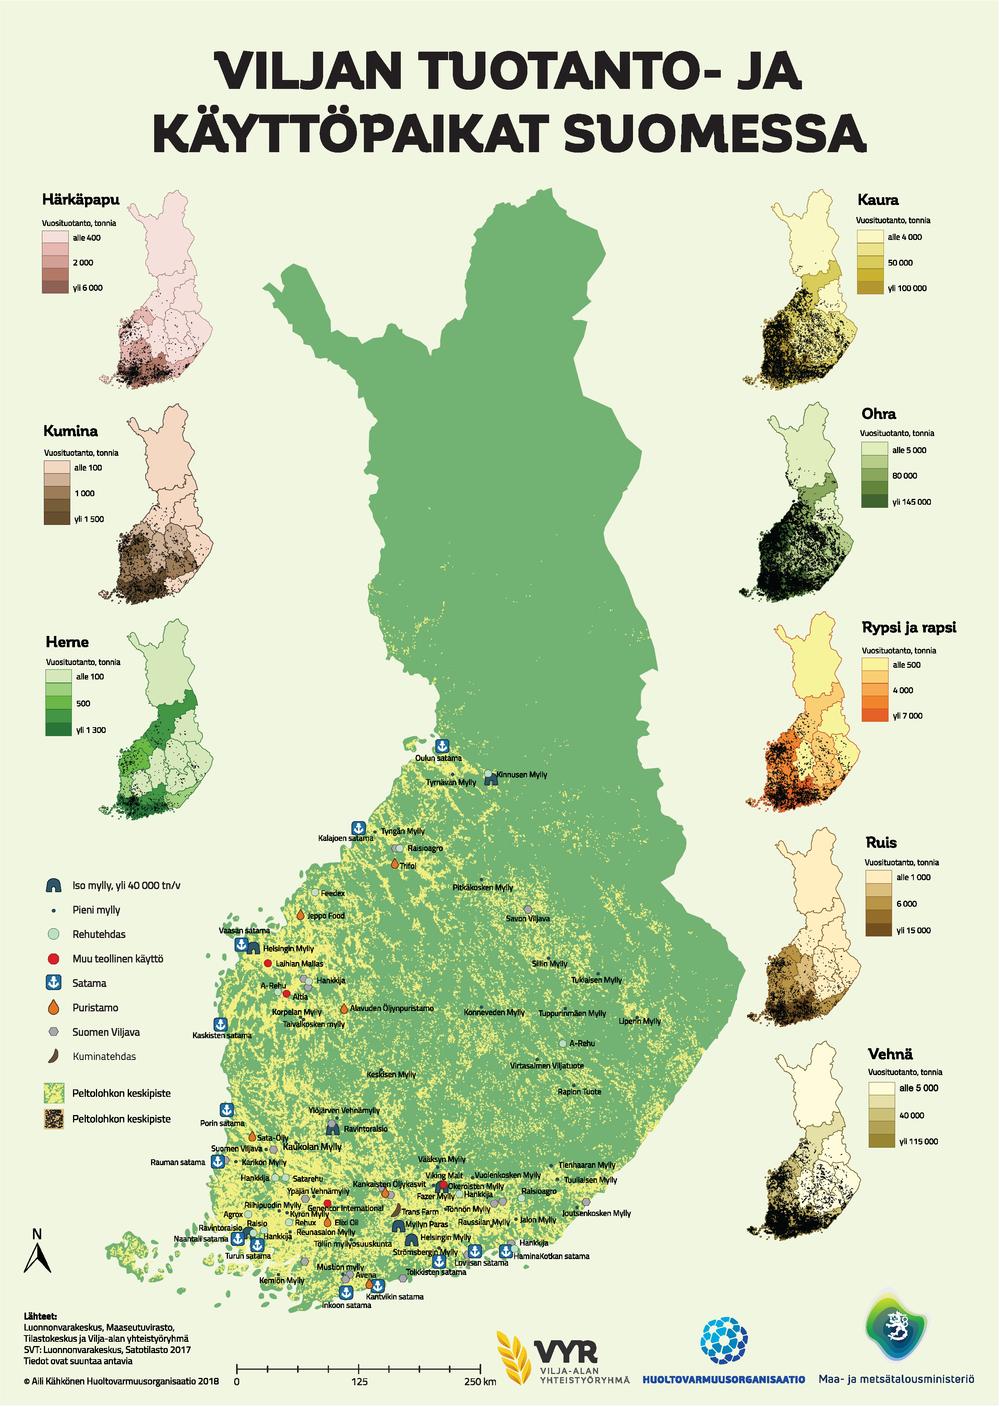 kuva Viljan tuotanto ja käyttöpaikat Suomessa 2018 web - v2 FINAL